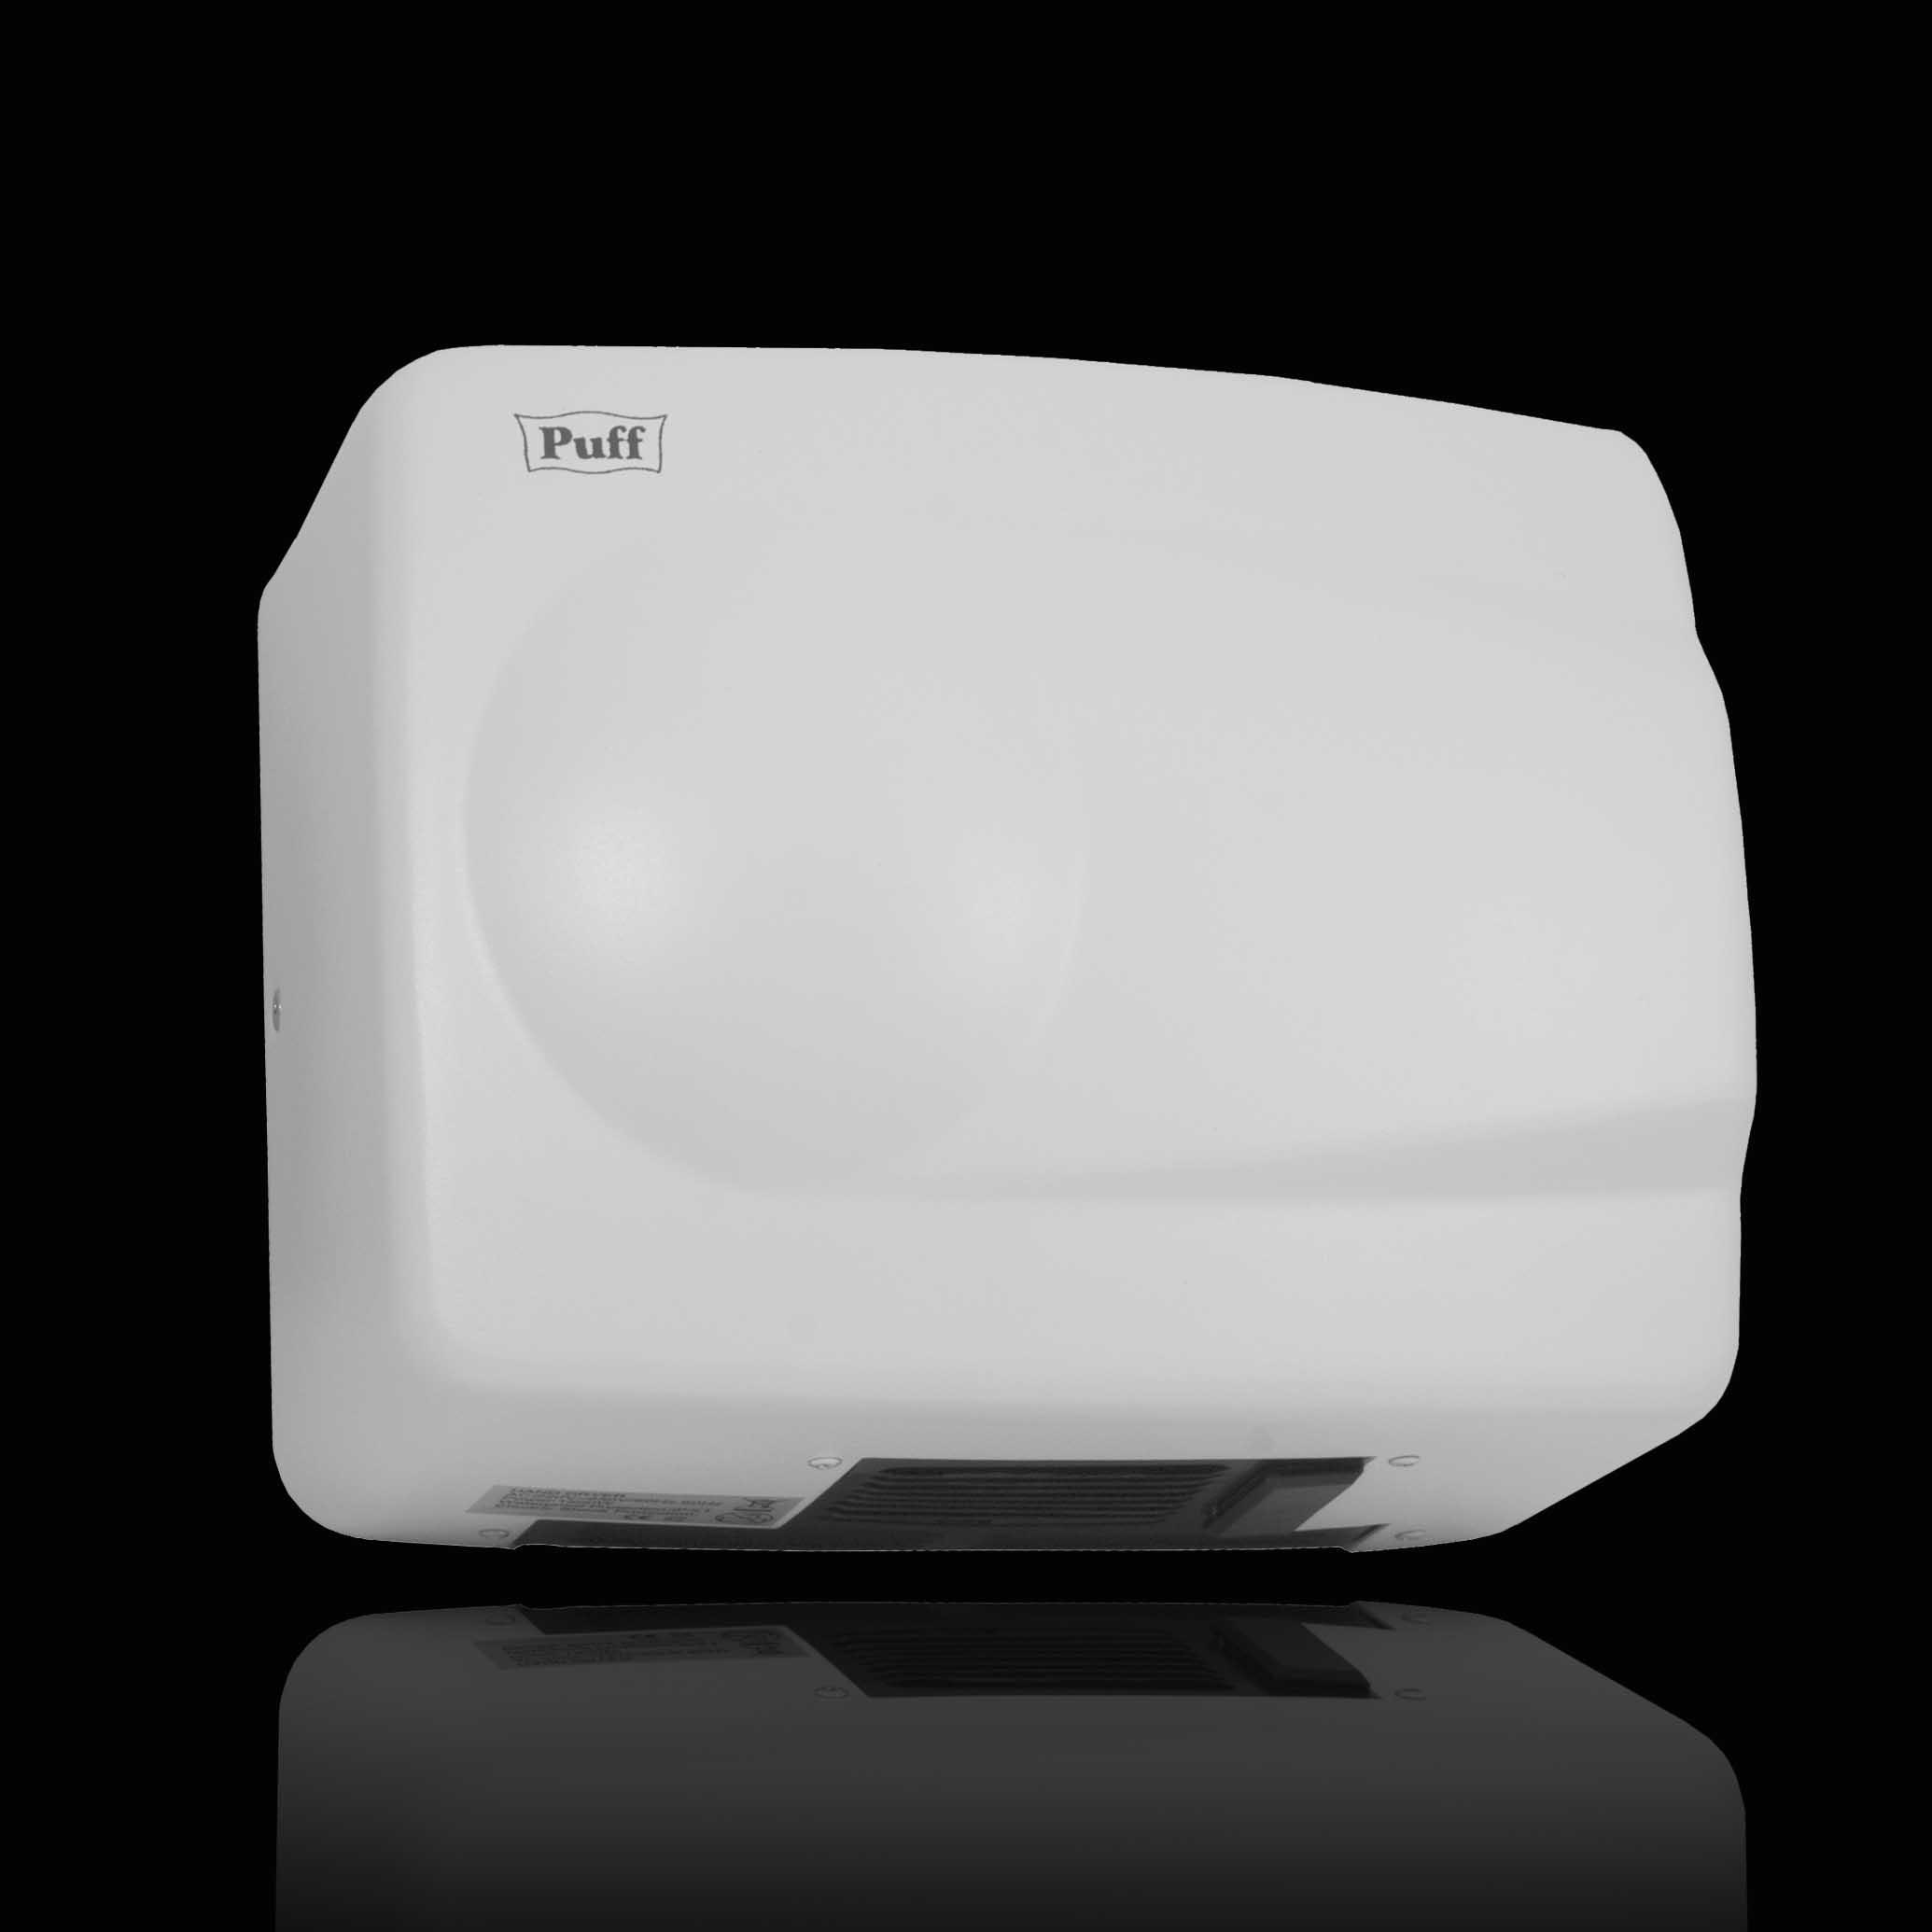 Тихая антивандальная для рукPuff-8828W Подробнее   Самая малошумная и компактная в своем классе. Обладает привлекательным дизайном. Выполнена в двух цветах - в белом и в хроме. Подходит для мест со средней и малой проходимостью.     Материал корпуса: нержавеющая стальЦвет: белыйМощность (Вт): 1500Скорость воздушного потока (м/сек): 16Время сушки рук (сек): 10-15Механизм включения: автоматическийОбласть срабатывания сенсора, см: 5-20Уровень шума, дБ: 60Температура воздушного потока, С: 55-65°СКласс влагозащищенности: IPX1Защита от перегрева/перегрузки: даВес брутто/нетто, кг: 3,6/3,2Габаритные размеры (мм) (ШхГхВ): 265х125х205Гарантия: 12 мес. .